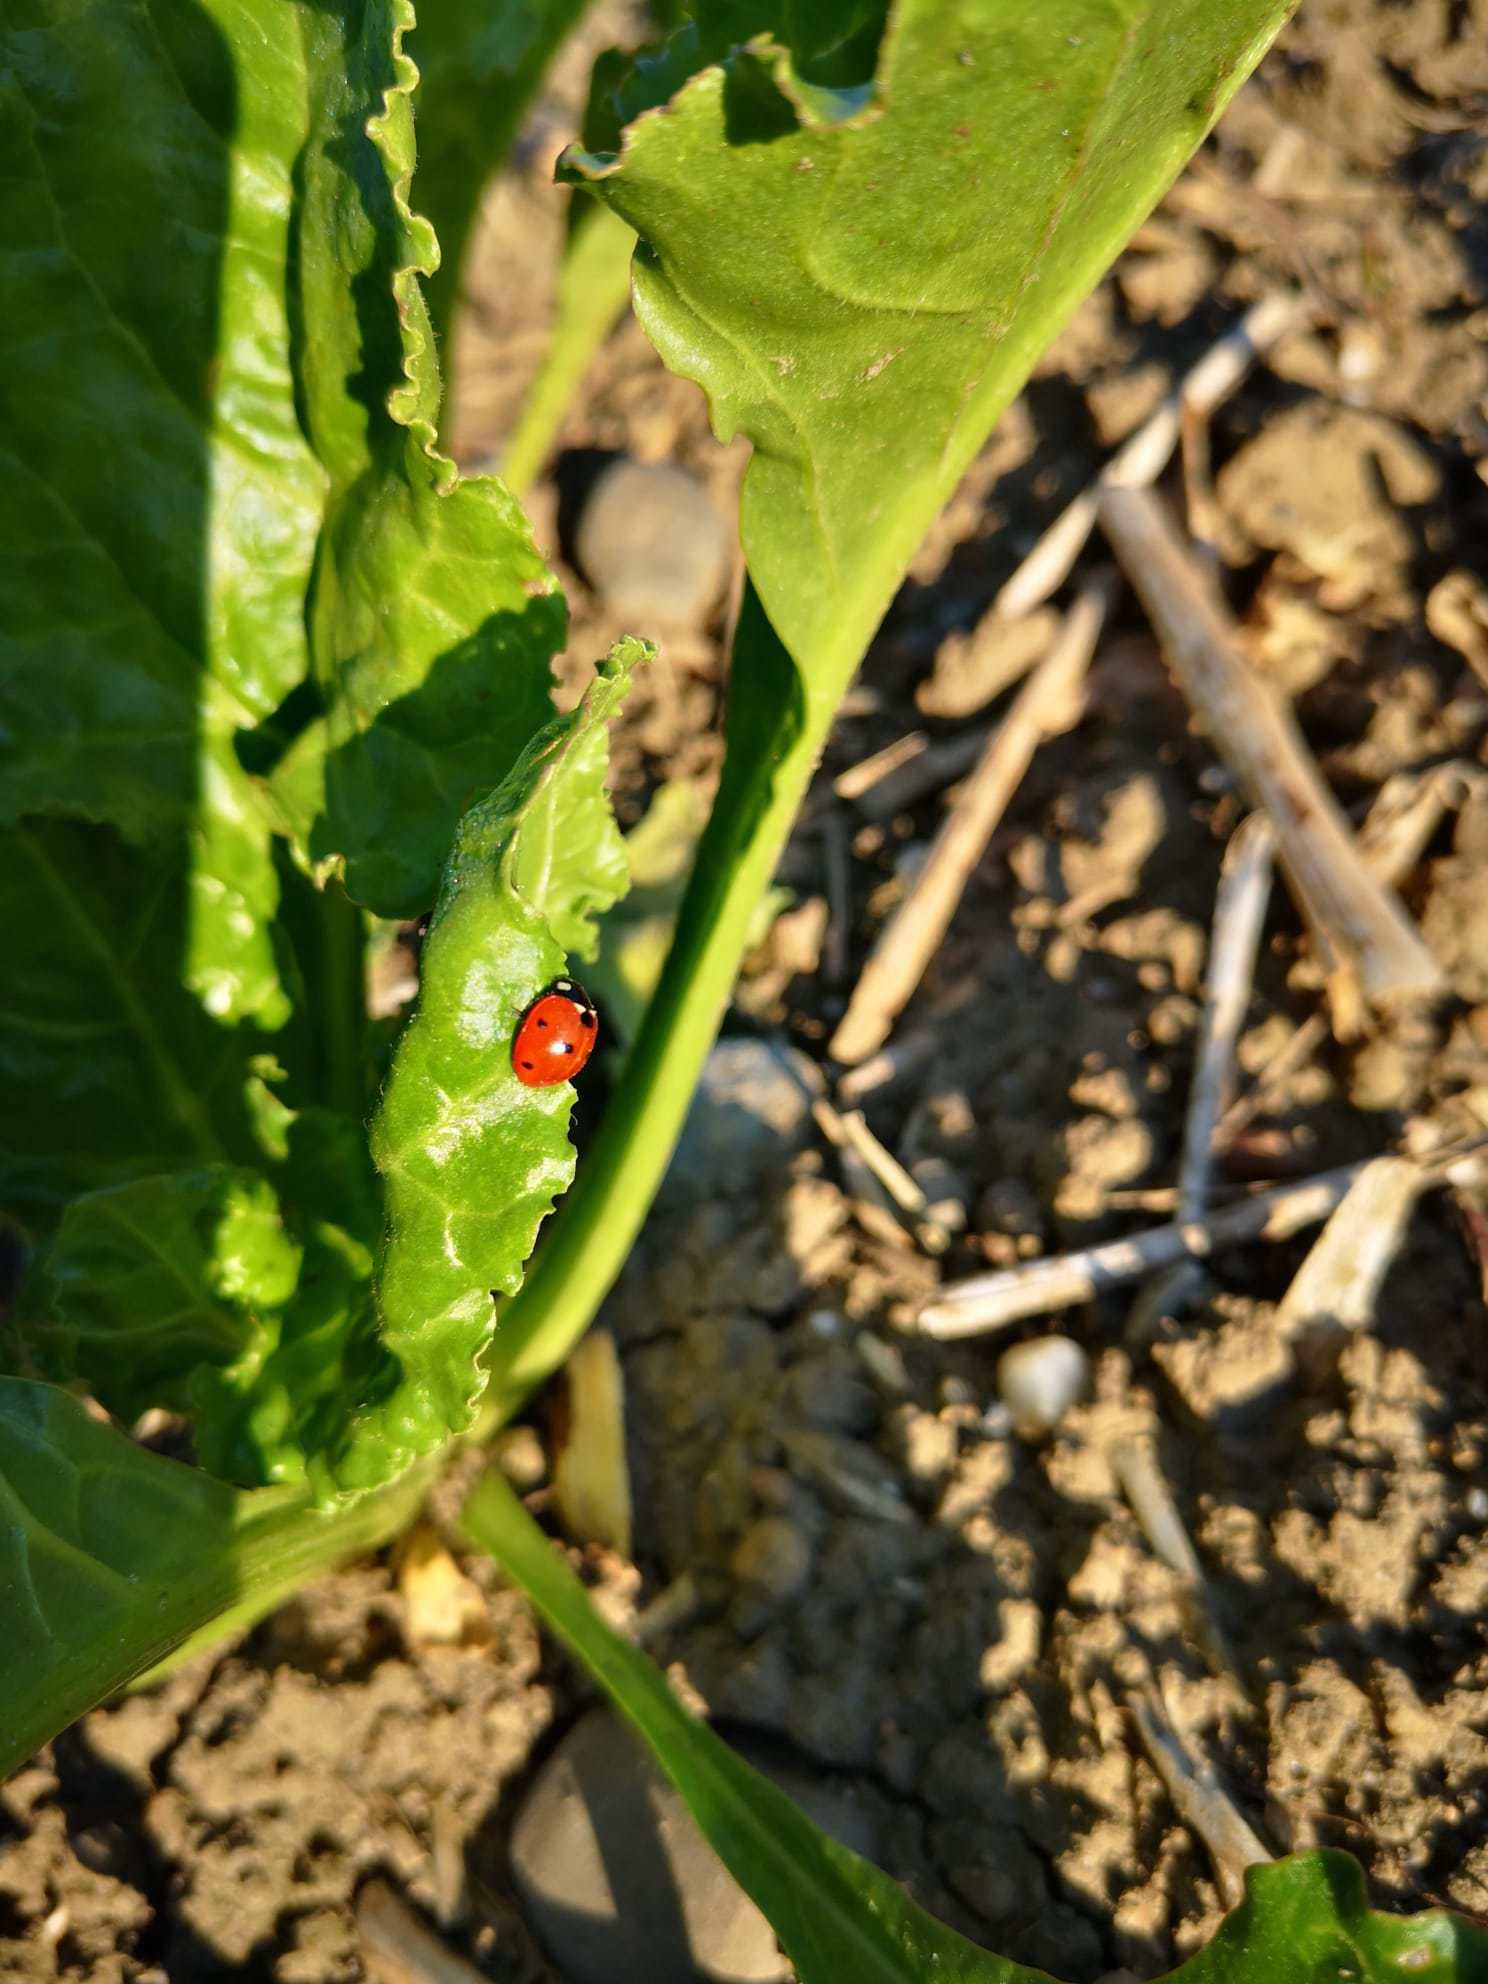 Marienkäfer in Zuckerrüben